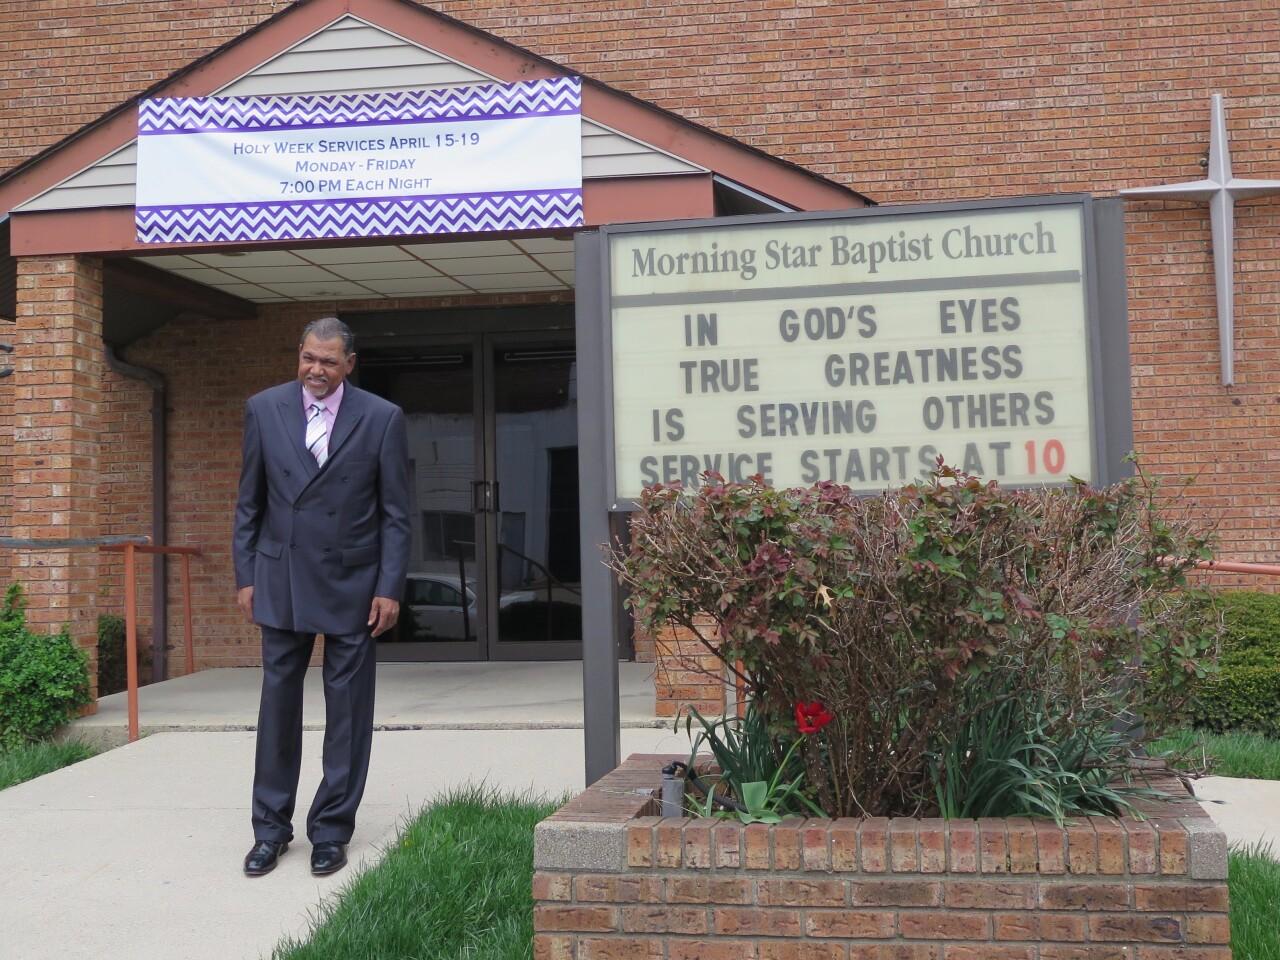 WCPO_Rev_Mark_Bomar_at_church.jpg